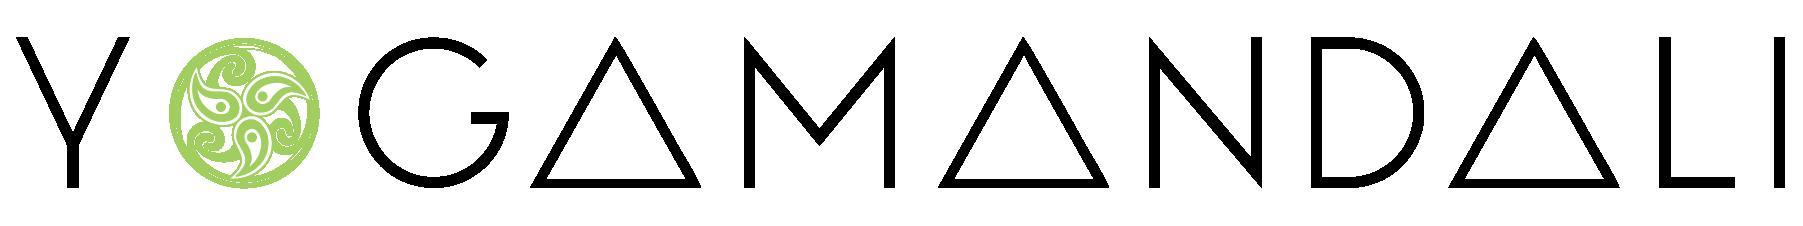 YM_Logo_Horizontal.png